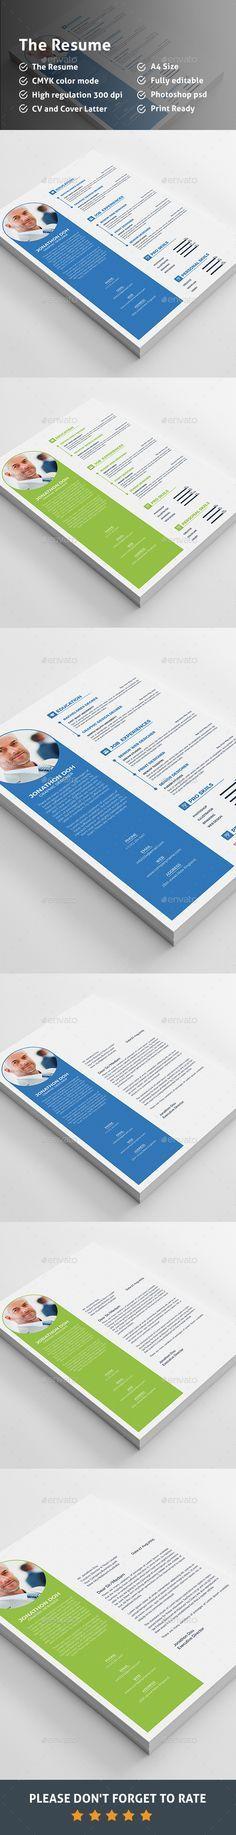 CV Resume Template Download here   graphicrivernet/item/cv - resume download